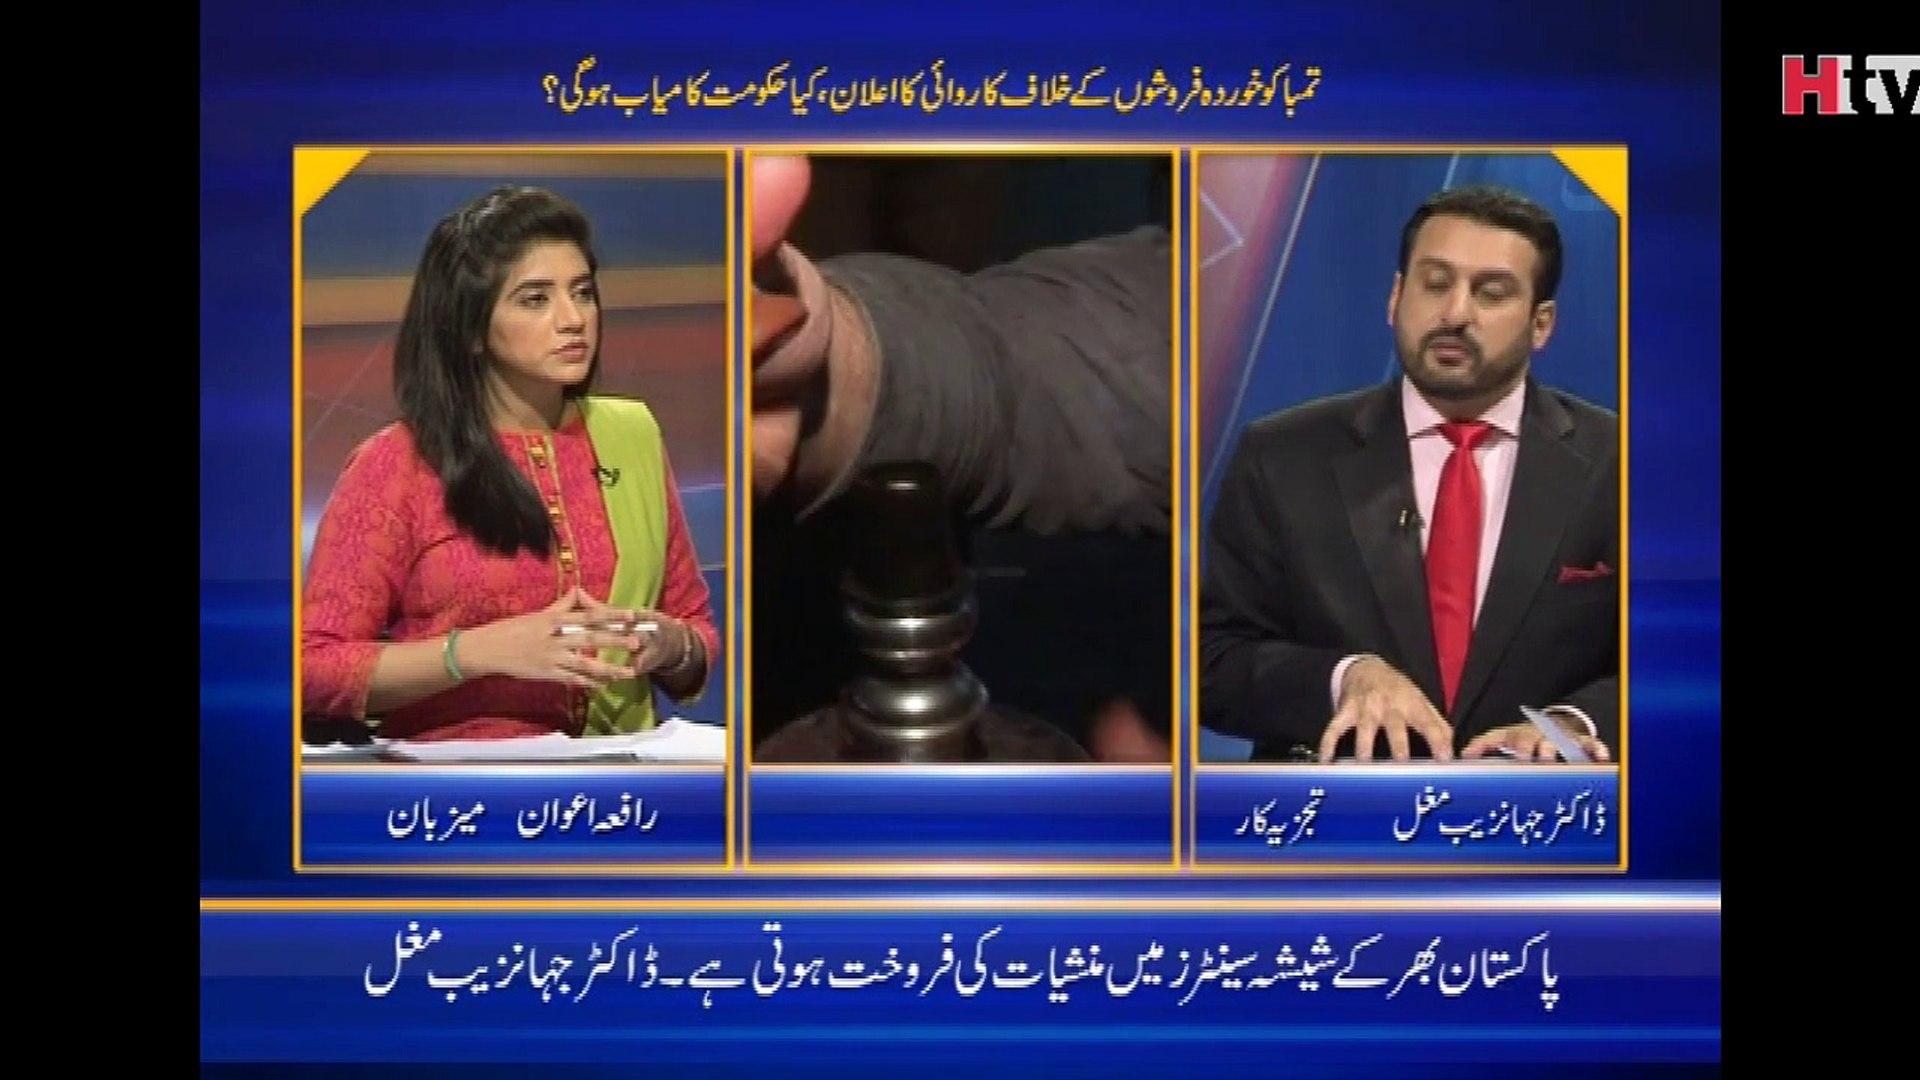 Sehat Agenda - Smoking In Pakistan - HTV